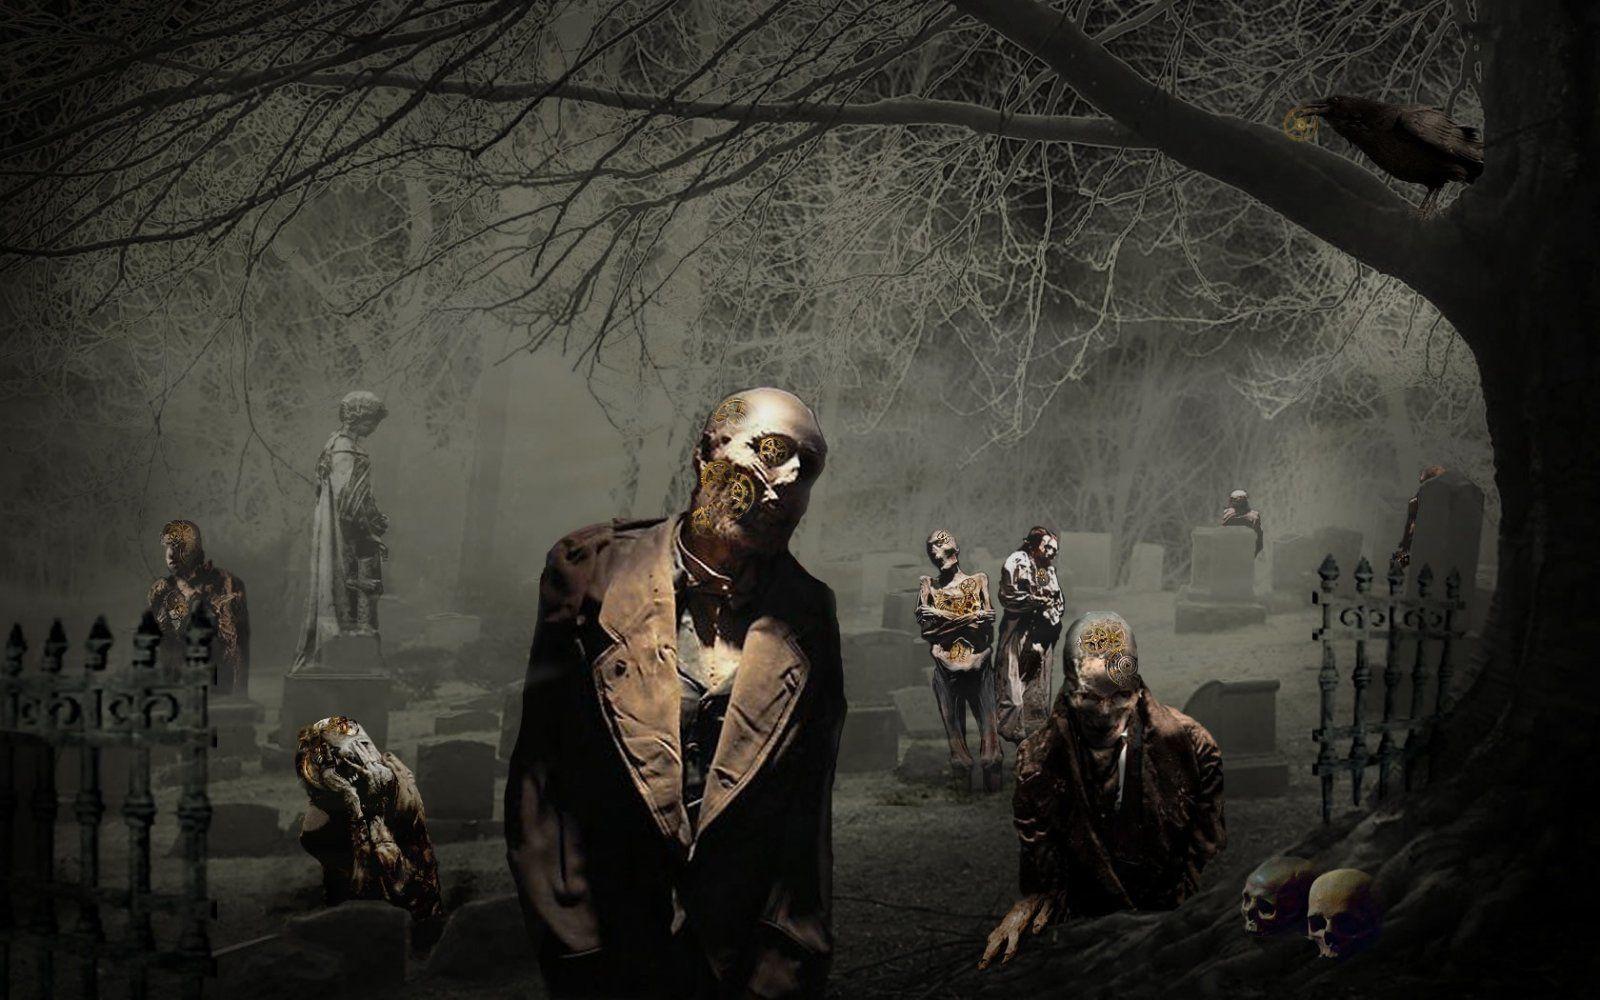 Galerías de fotos de zombies. Fotos de zombies